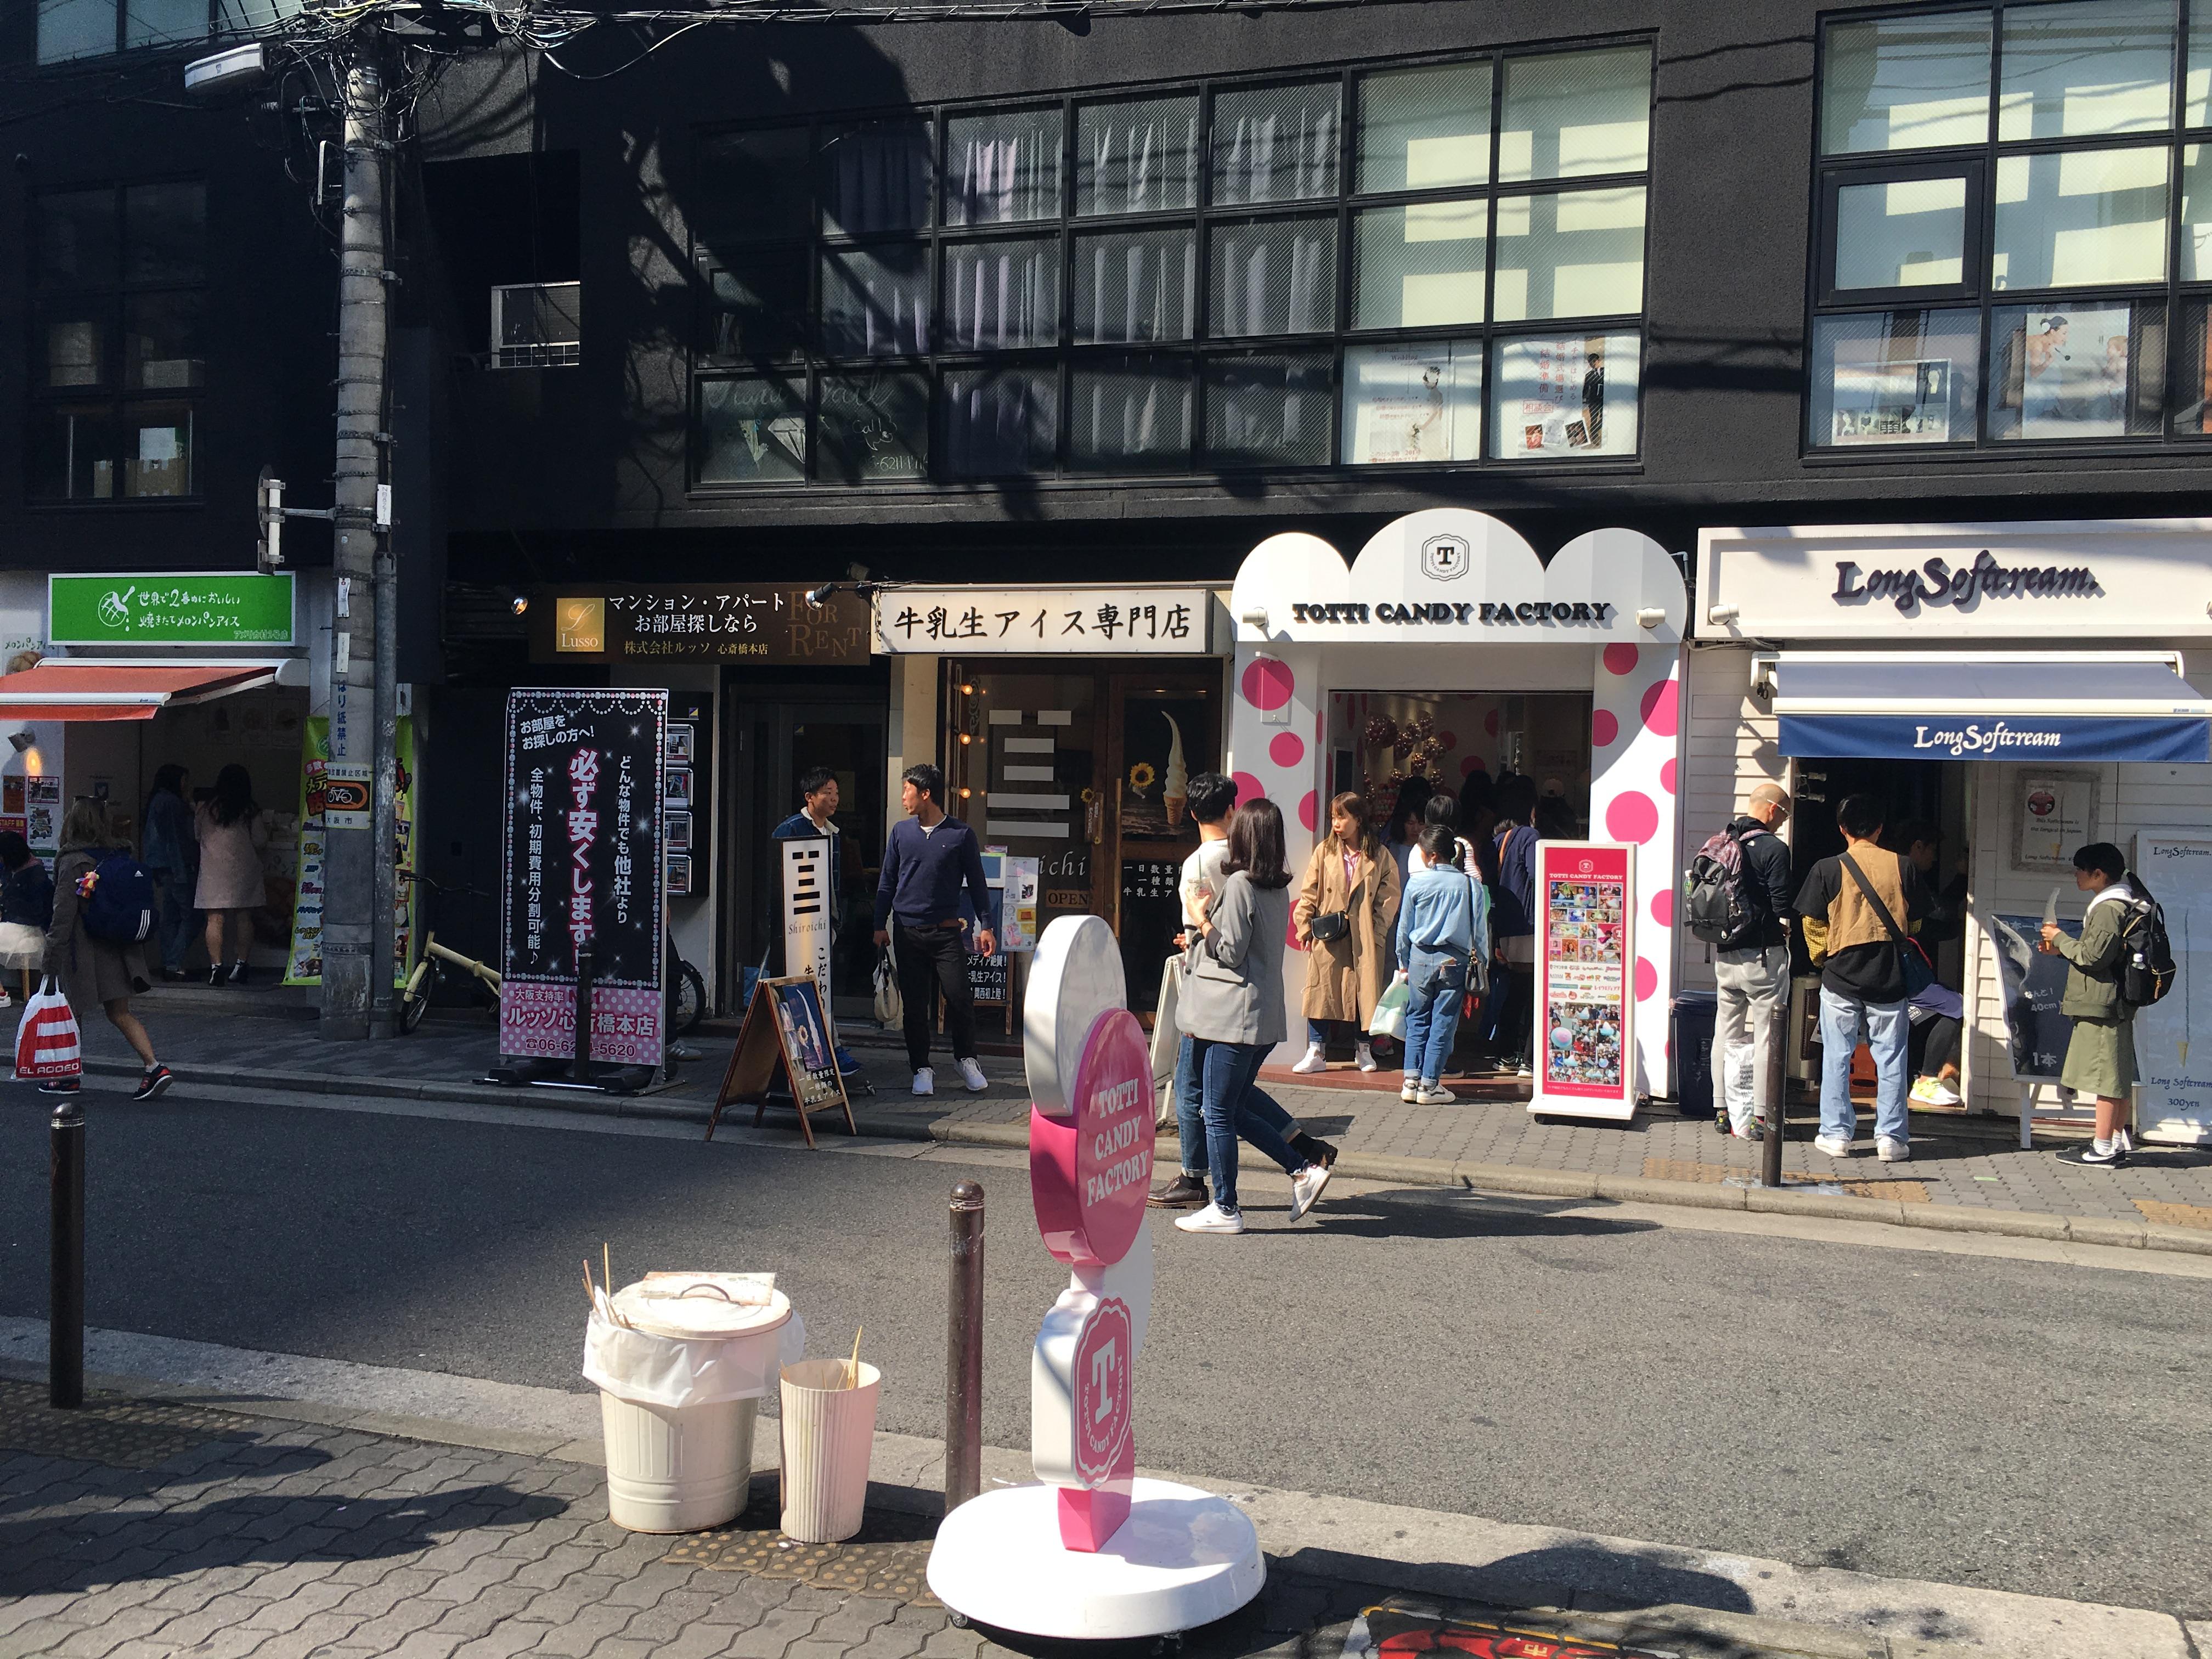 大阪にあるアメリカ村のアイス通りを制覇!おすすめのアイスを紹介!